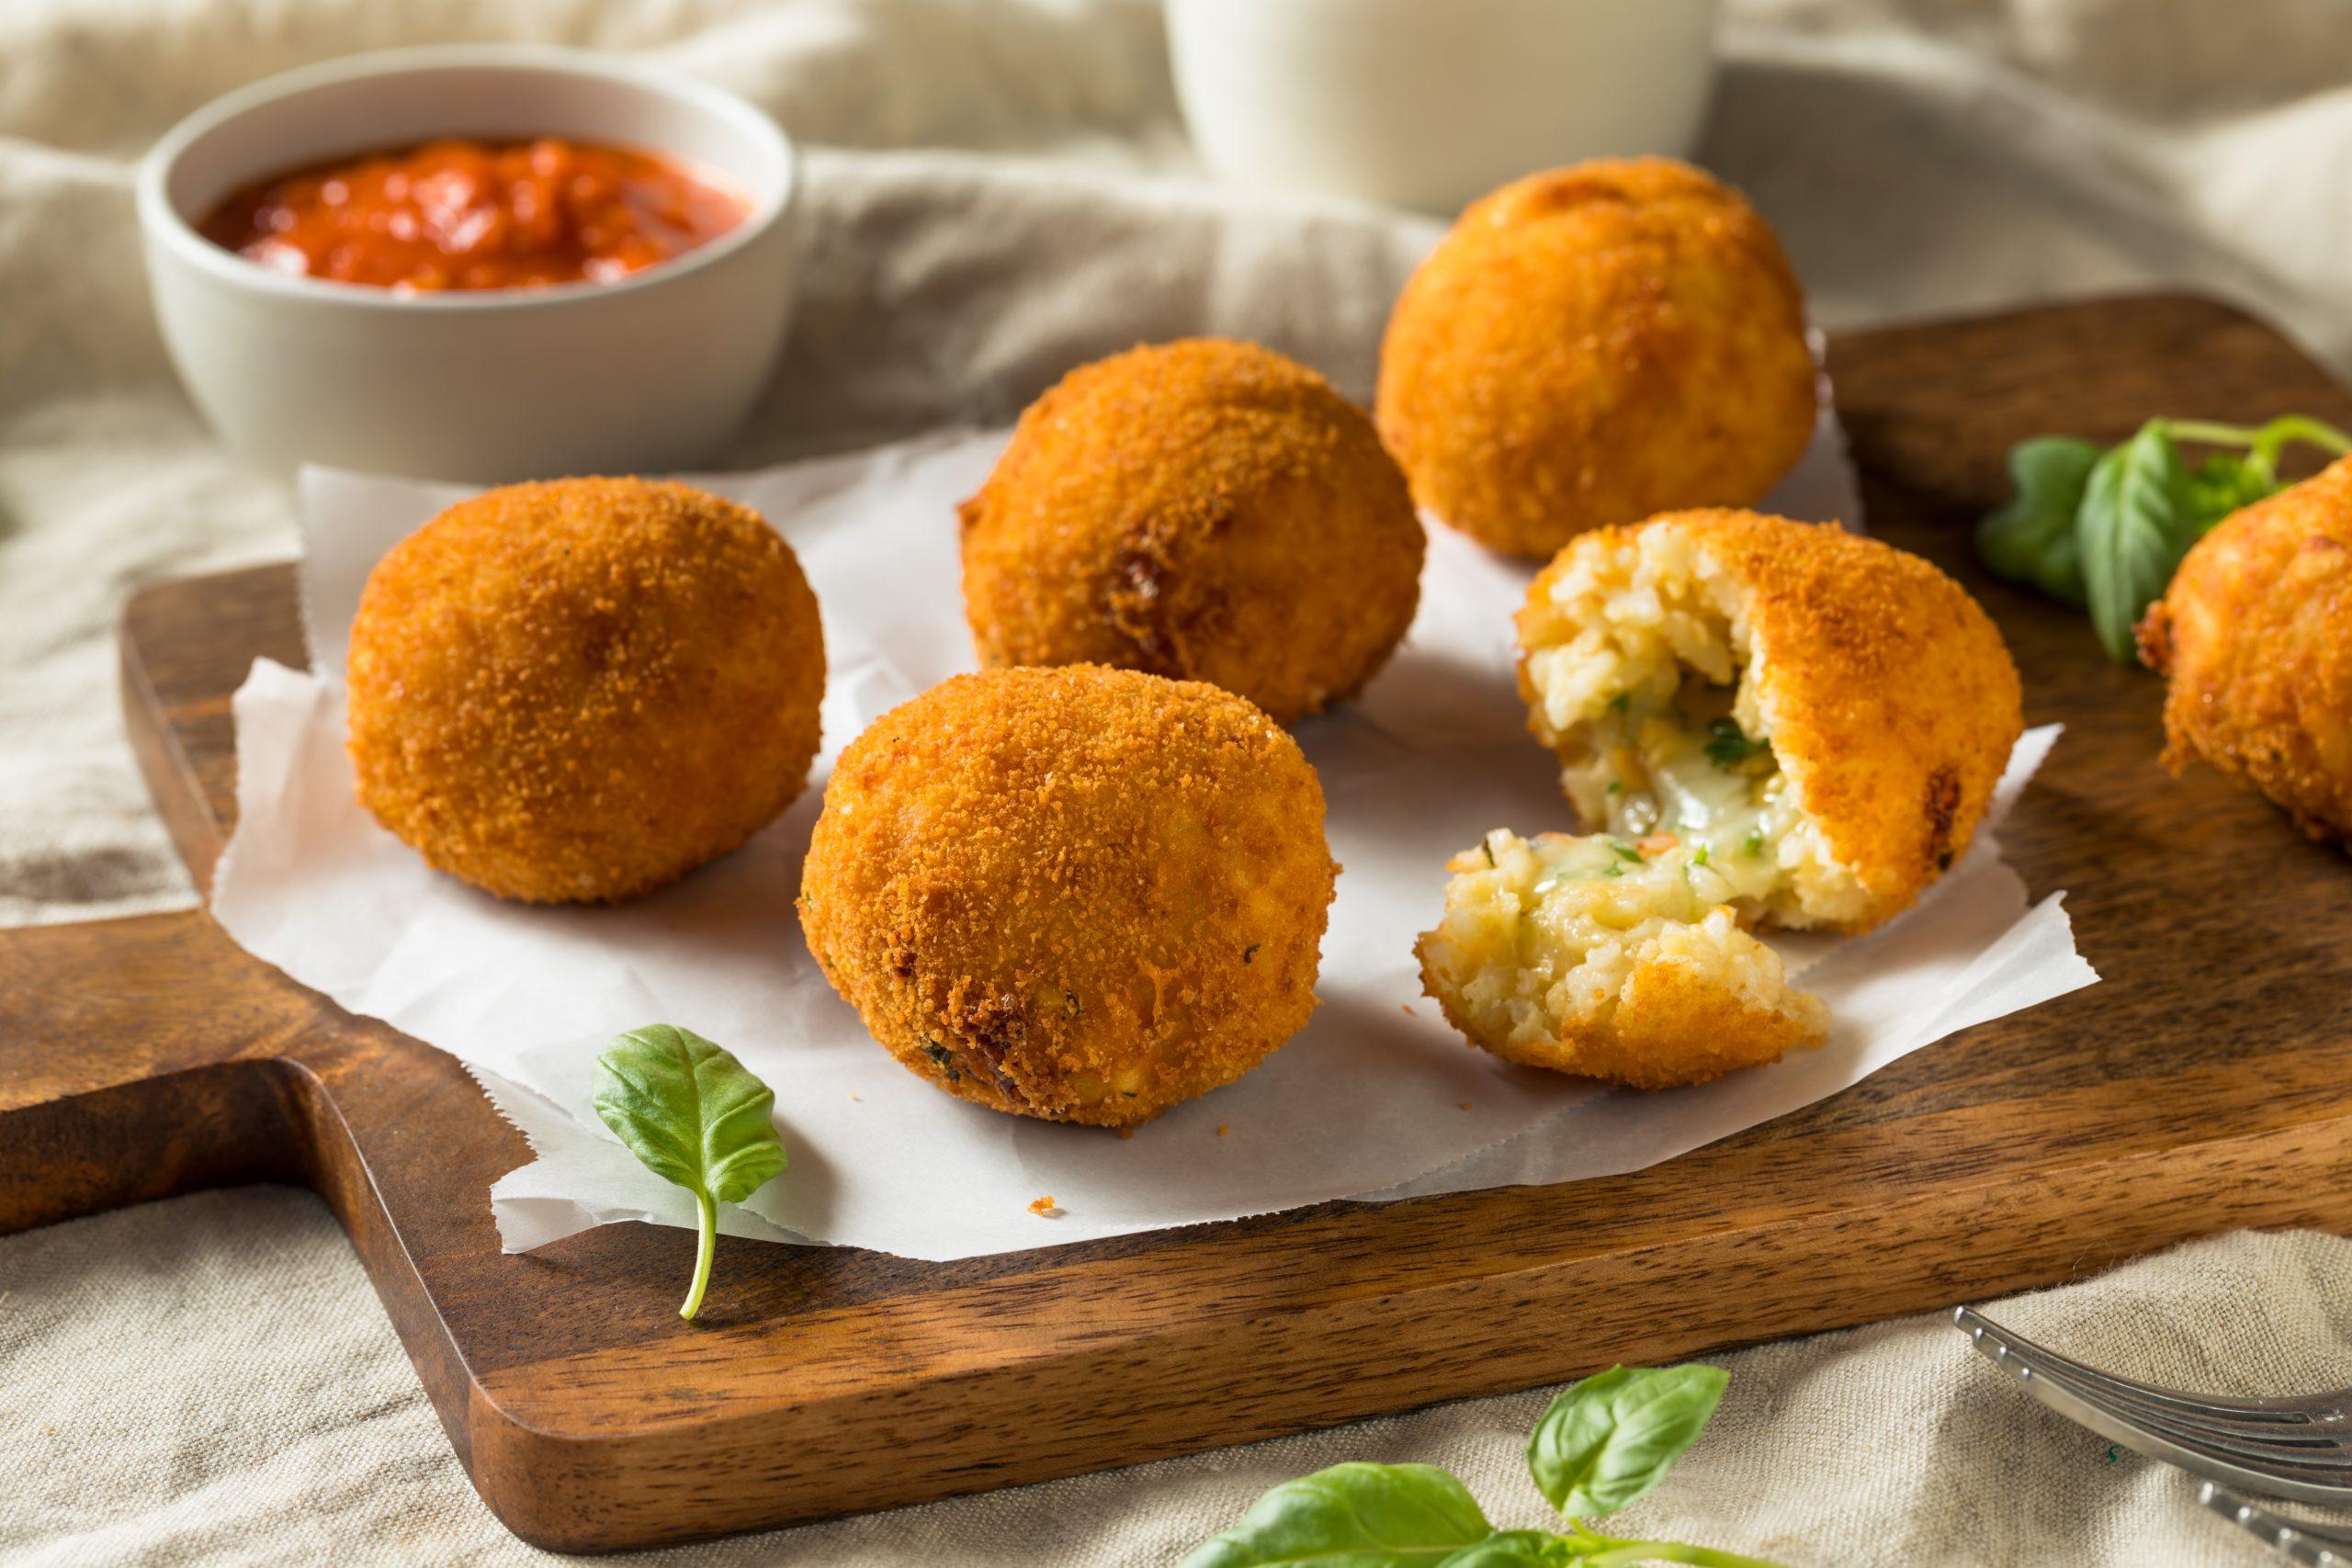 Homemade,Deep,Fried,Risotto,Arancini,With,Basil,And,Marinara